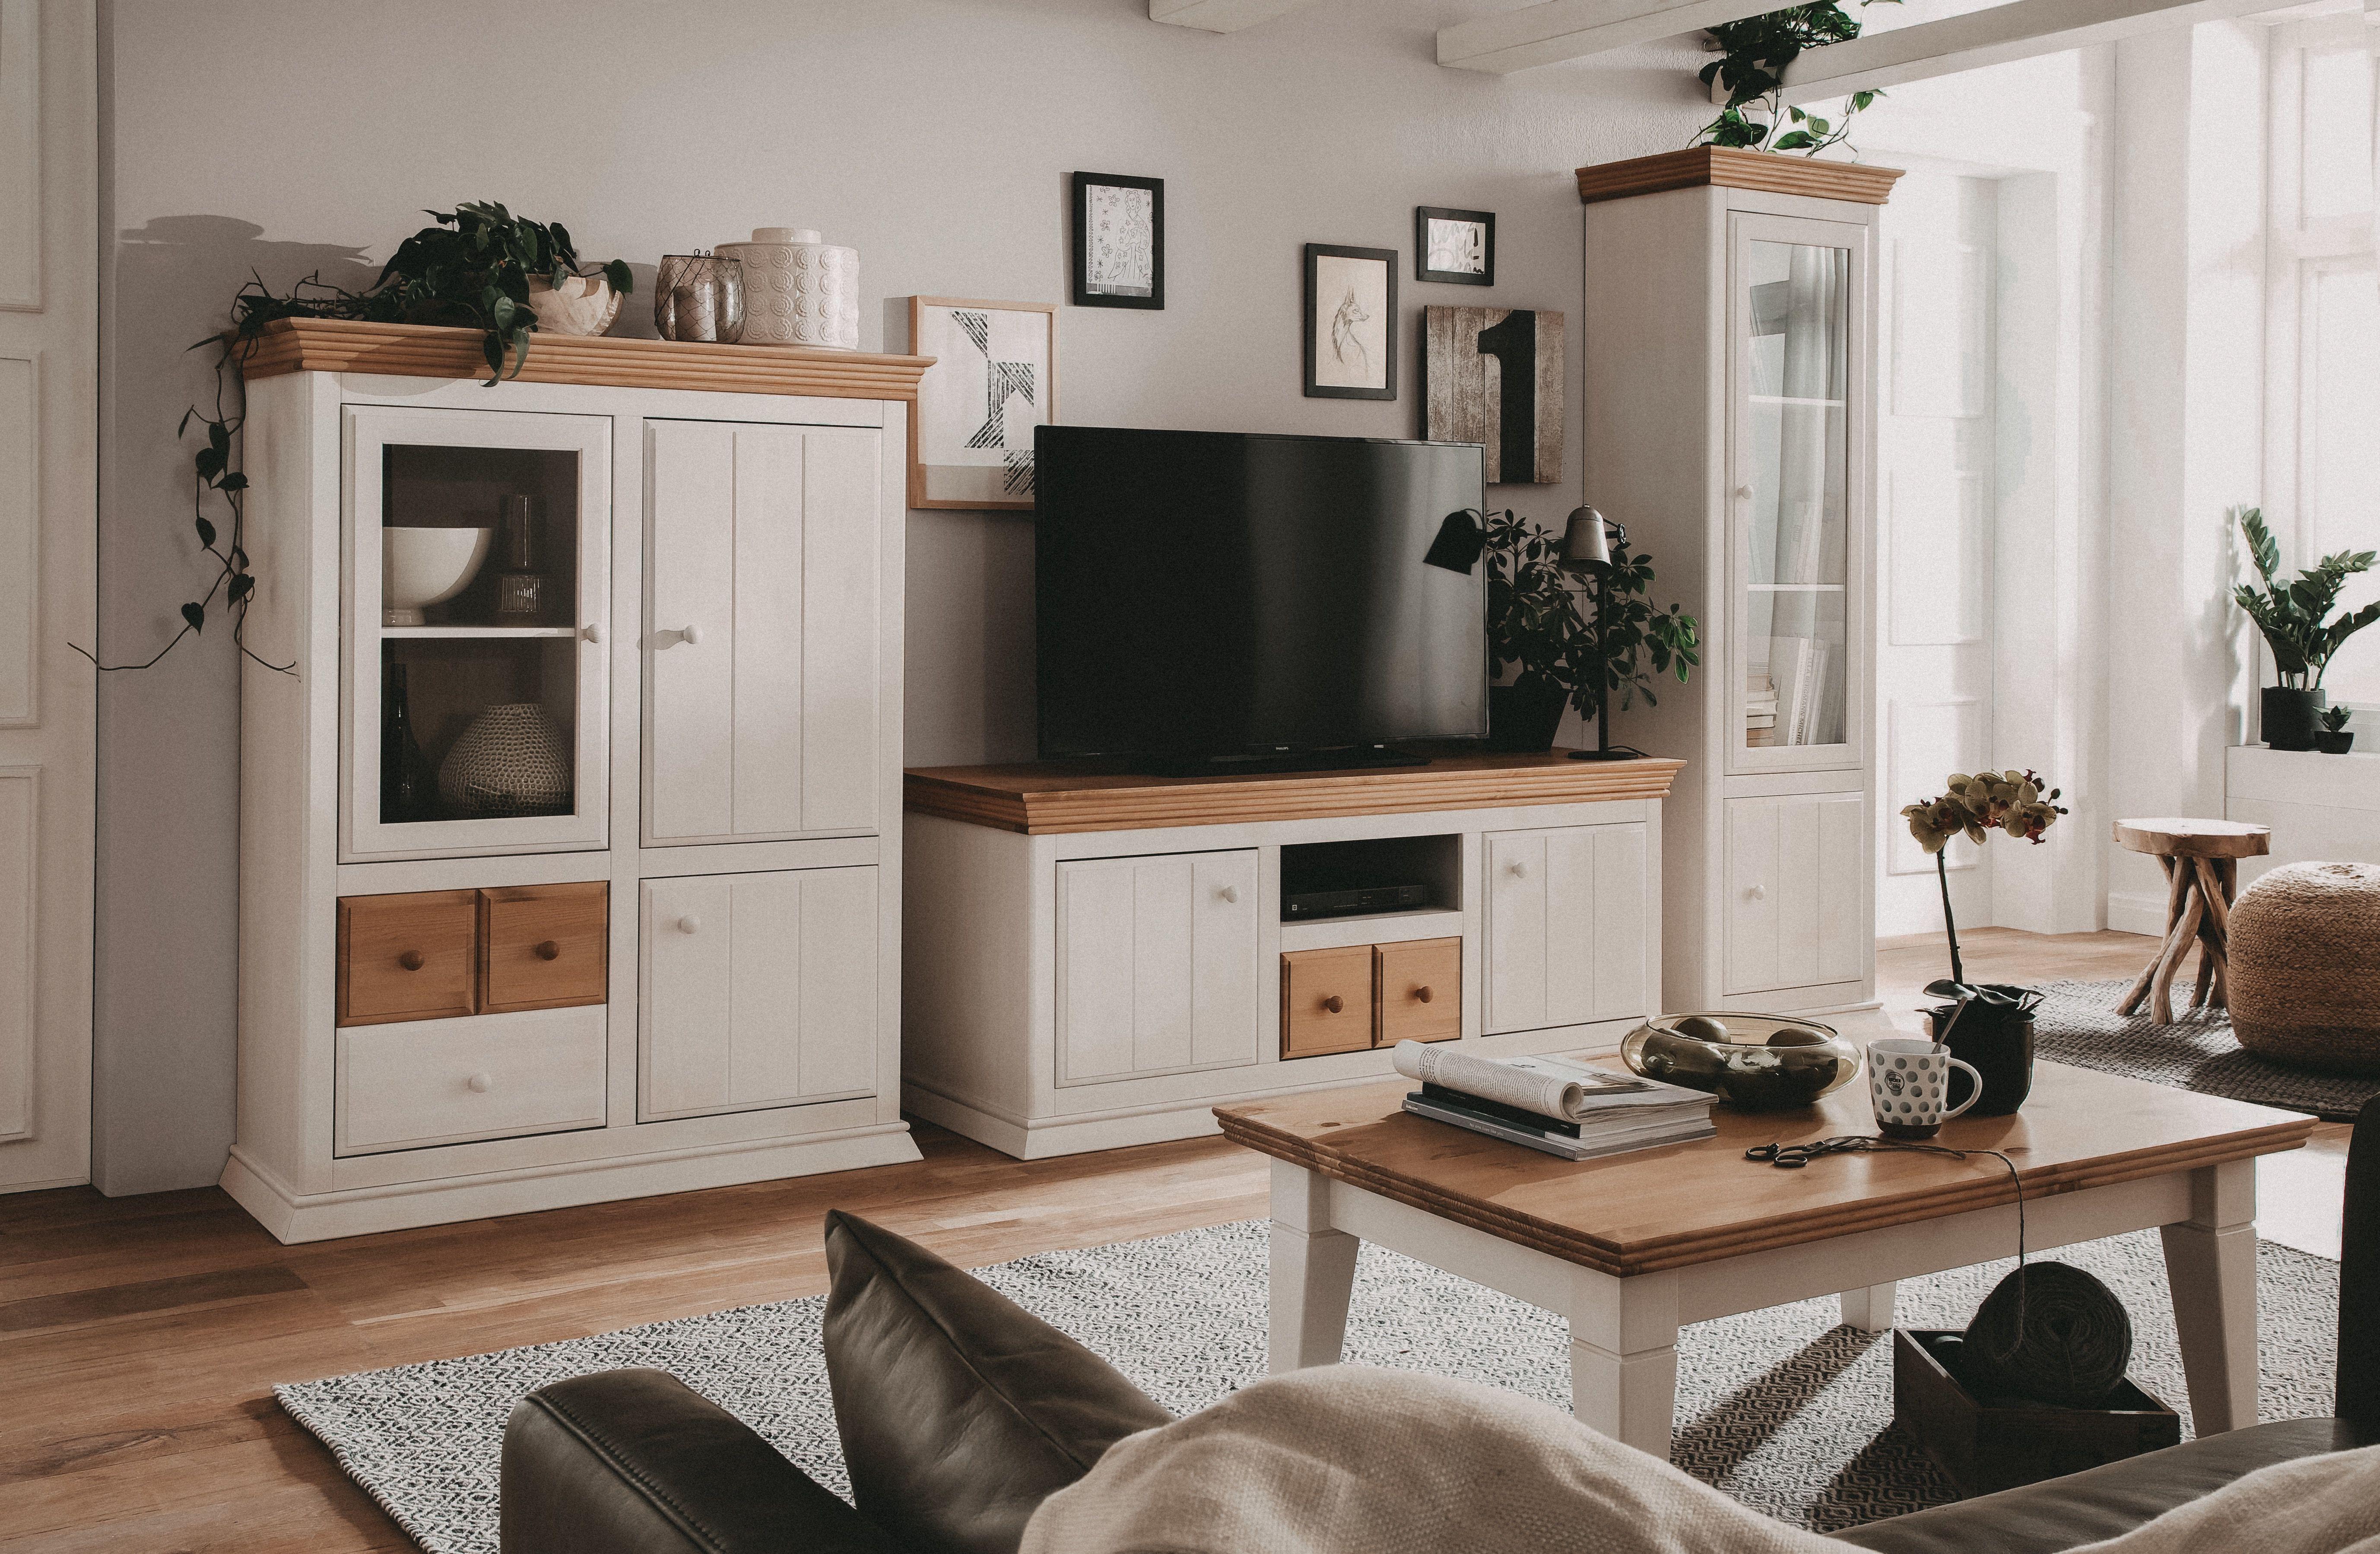 Für die Möbel der Serie SYLT wurde massives Kiefernholz